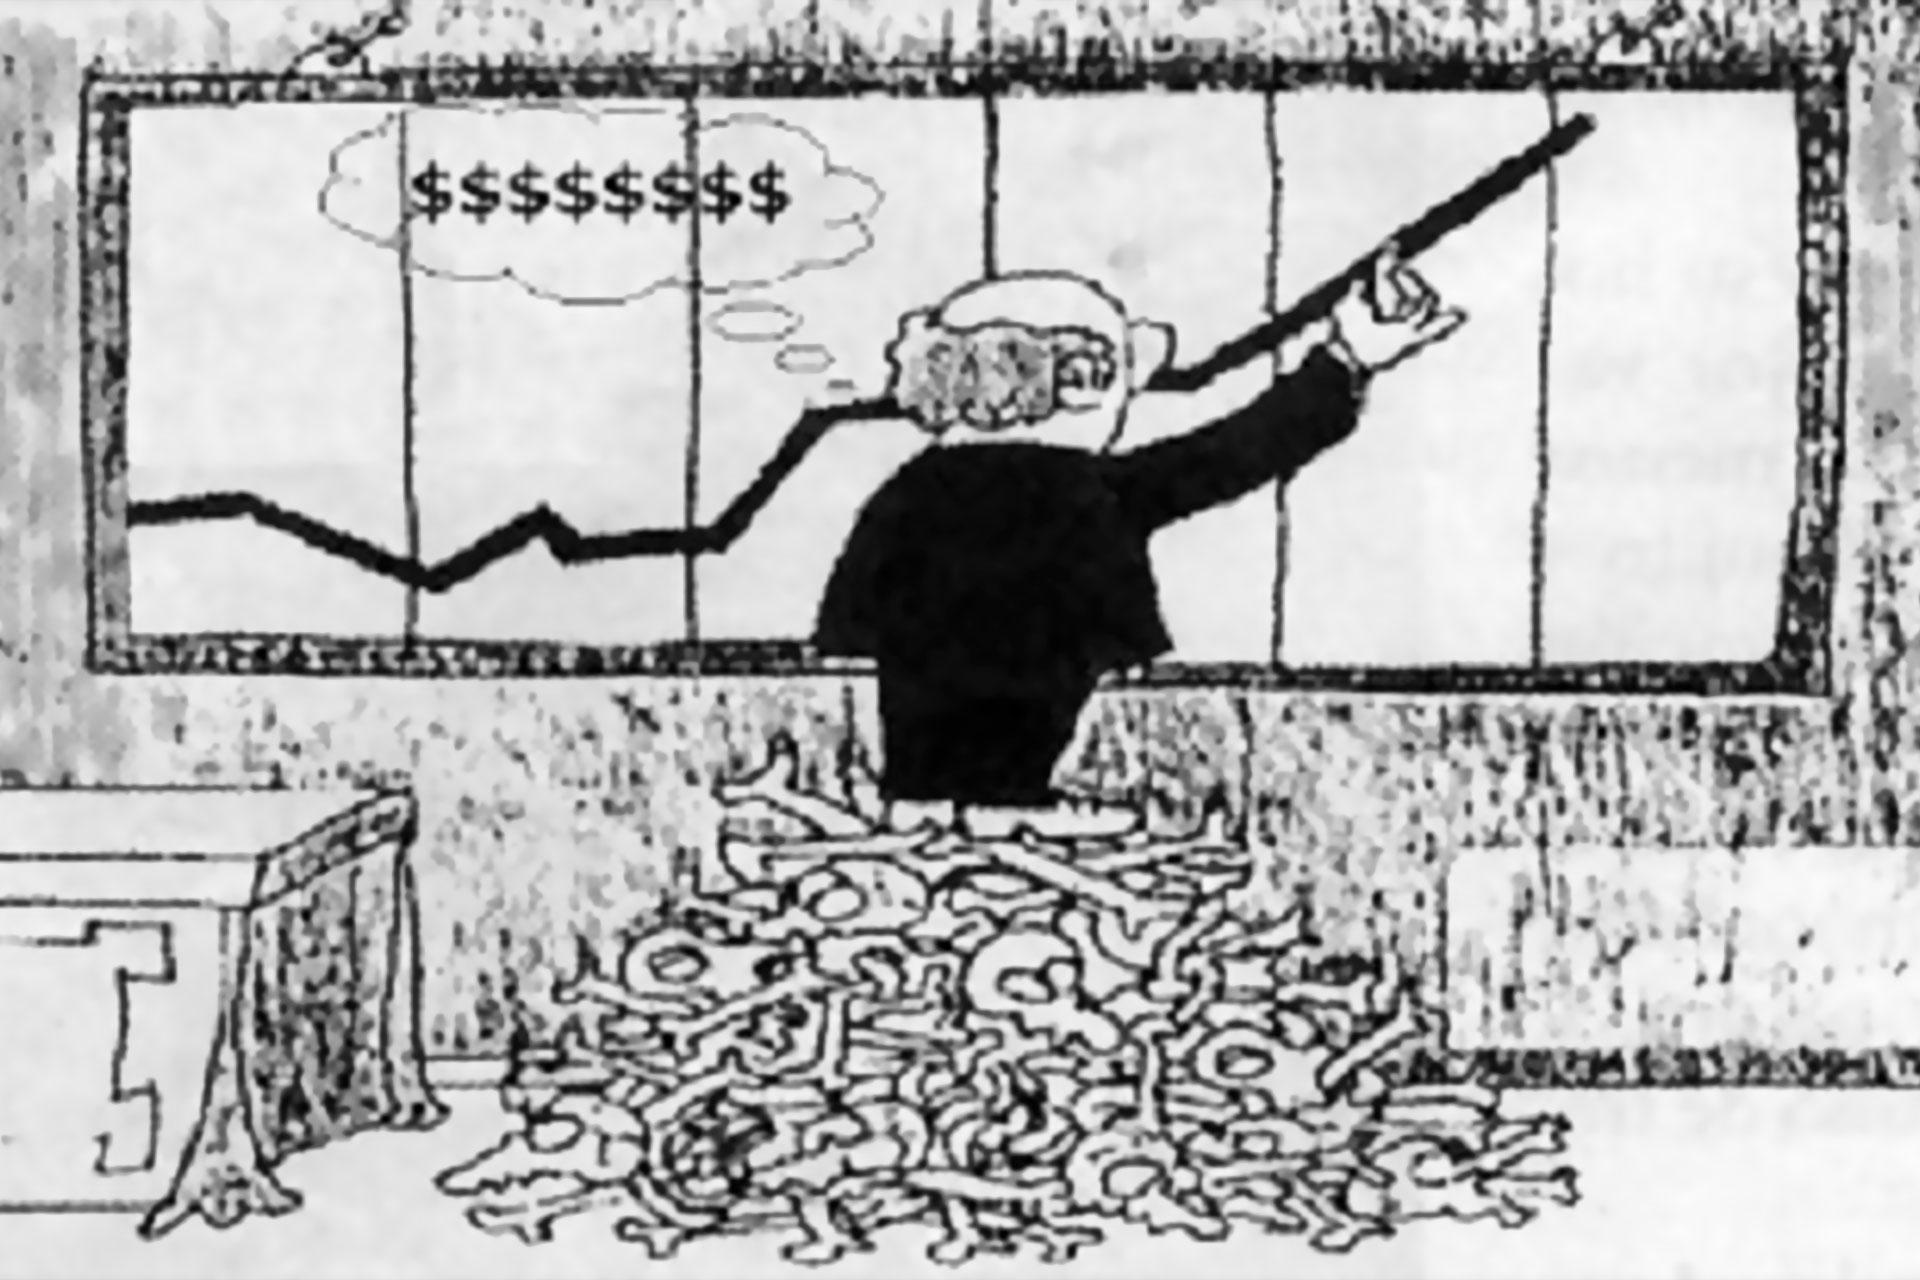 Capitalismo: do choque ao desastre